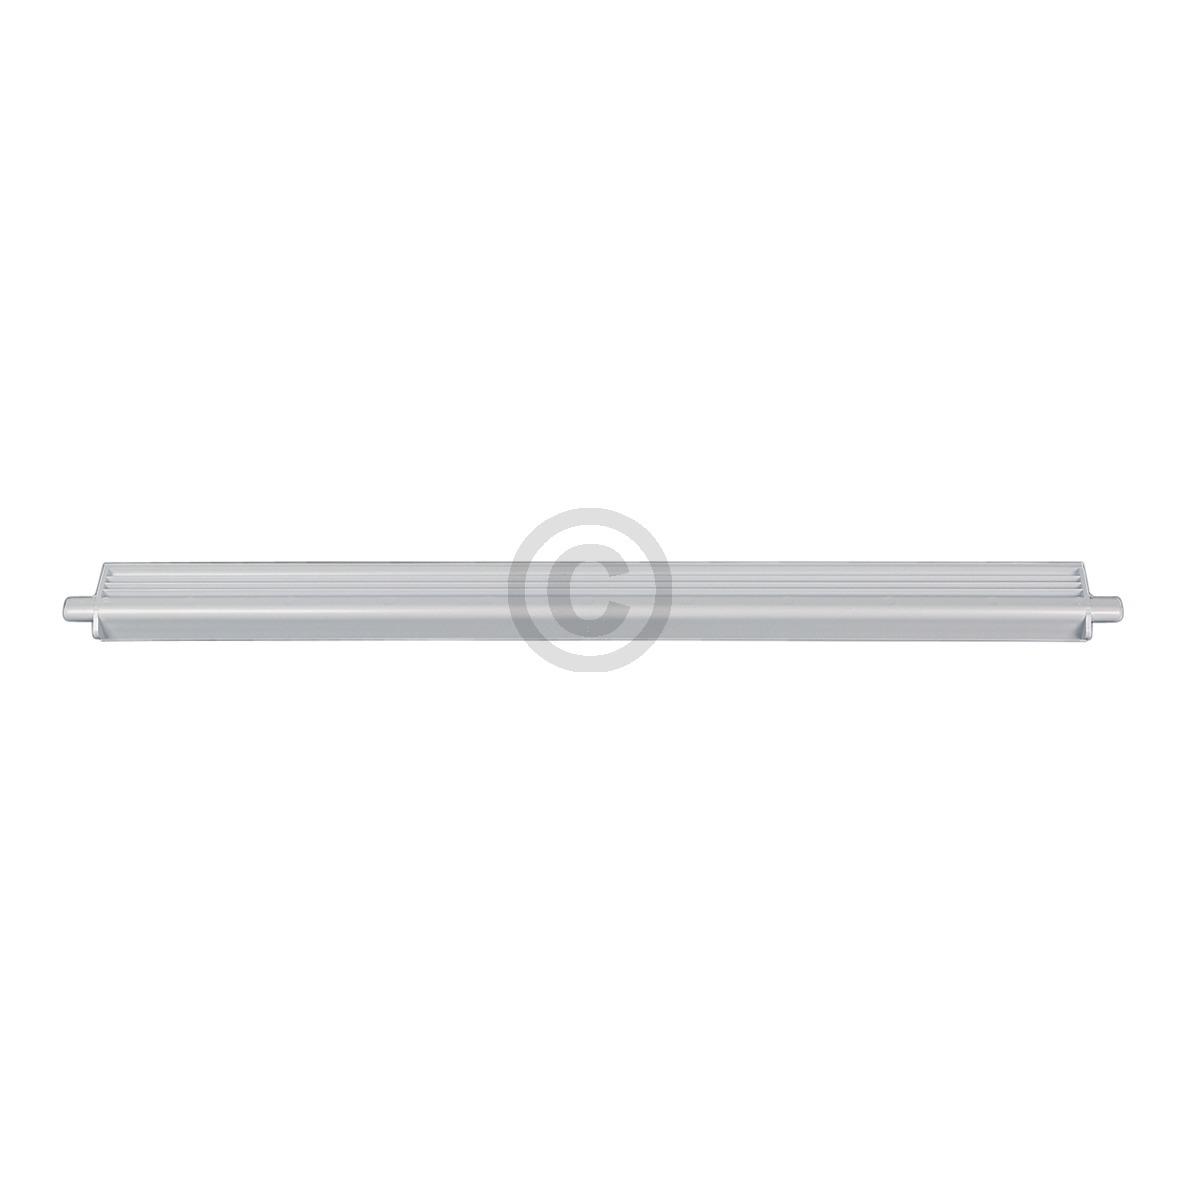 Glasplattenleiste hinten 481246088284 Bauknecht, Whirlpool, Ikea